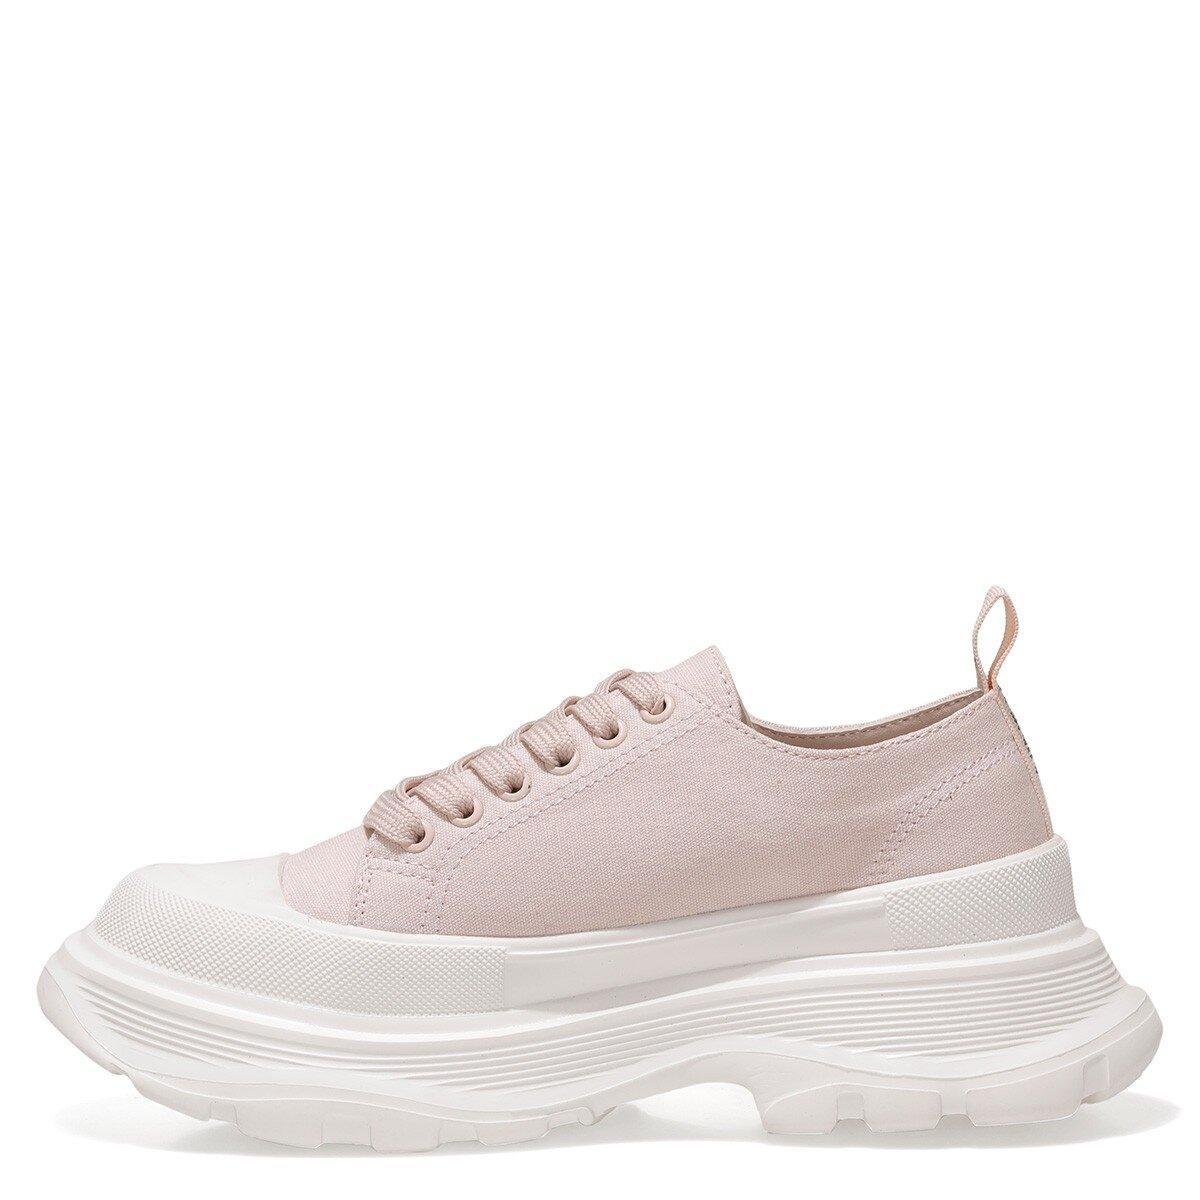 MOREN 1FX Pembe Kadın Sneaker Ayakkabı